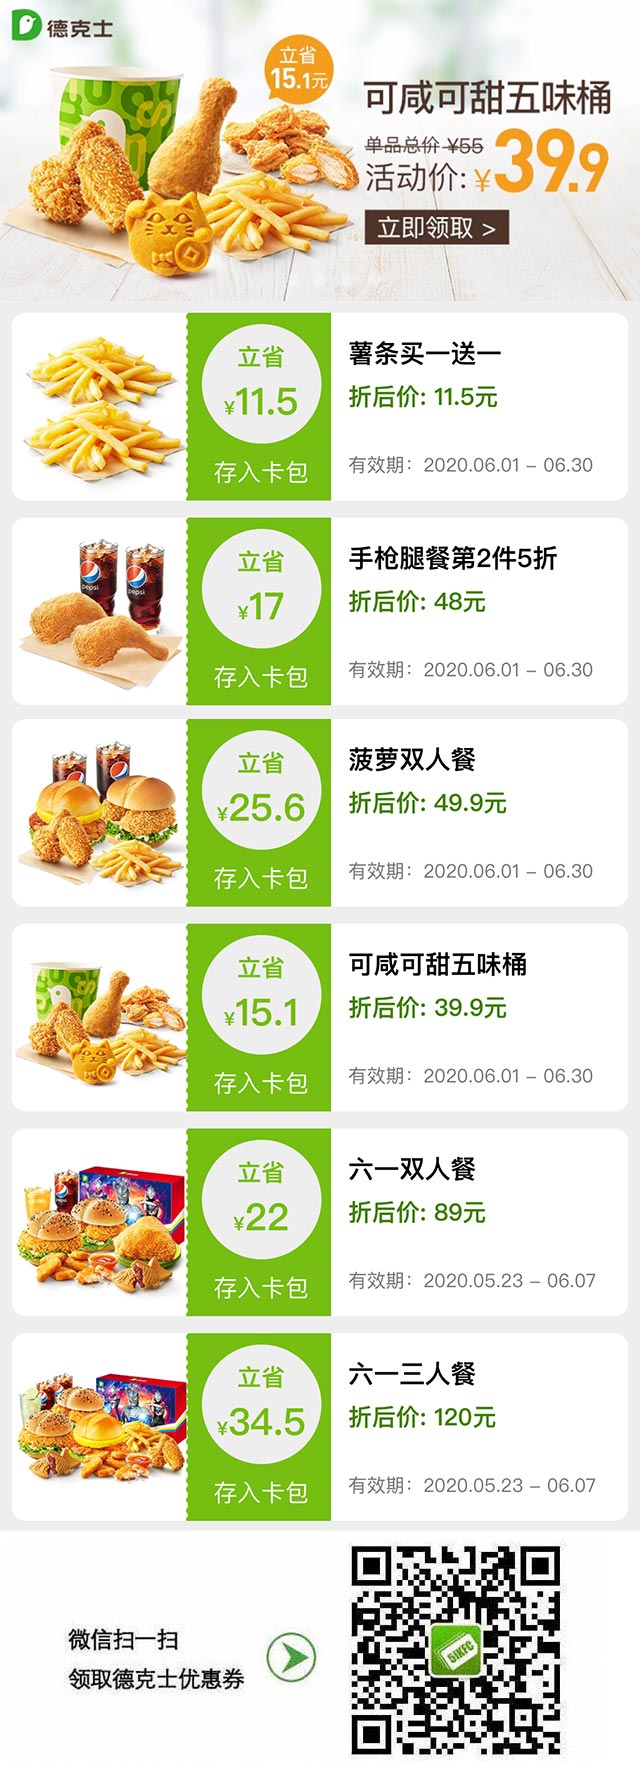 德克士2020年6月新品优惠券,薯条/冰淇淋买1送1、单人/双人套餐